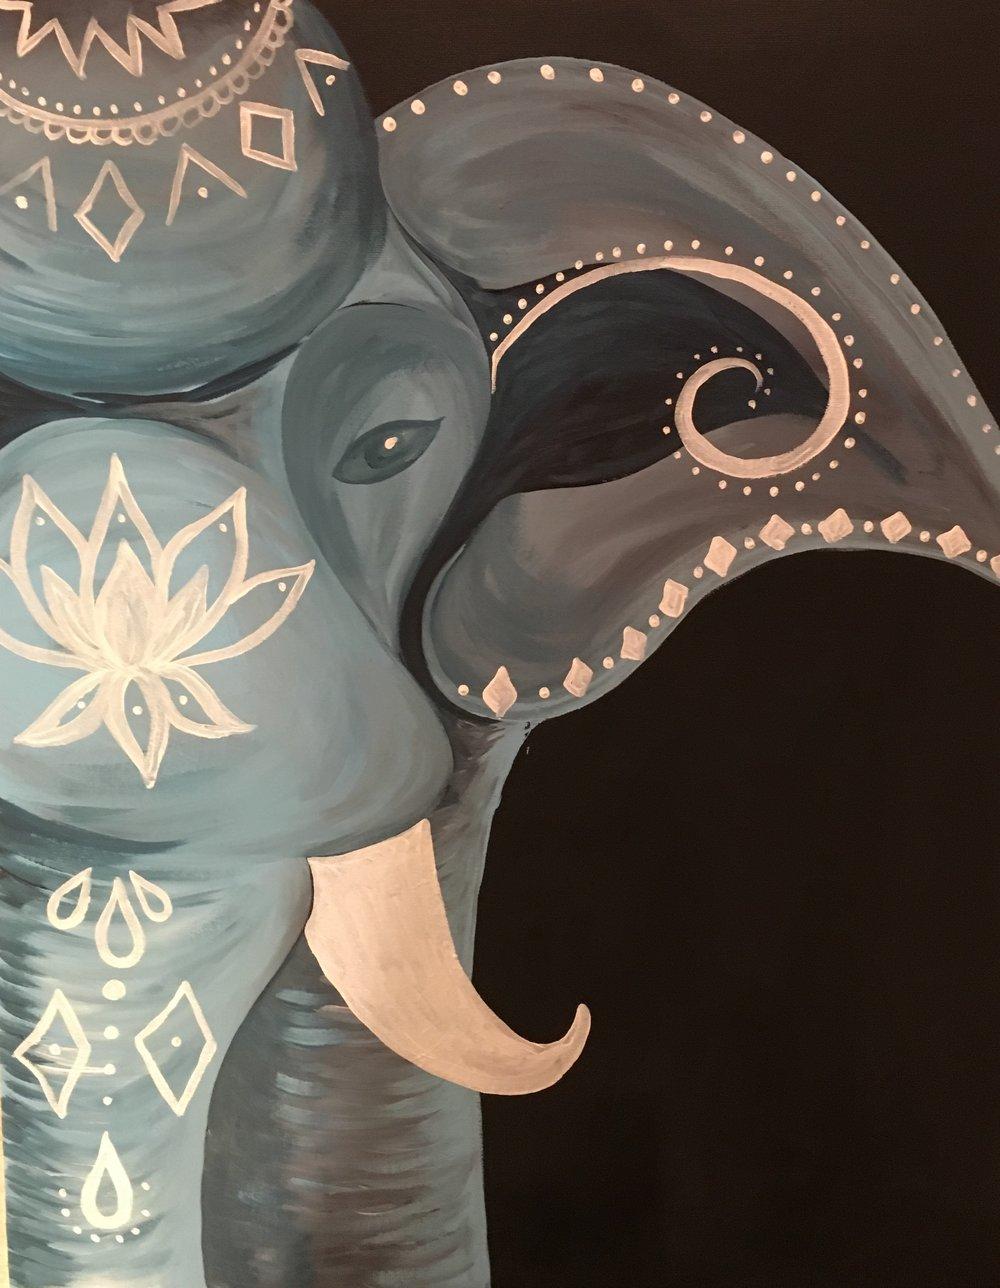 Art by Brooke Schroder McClure